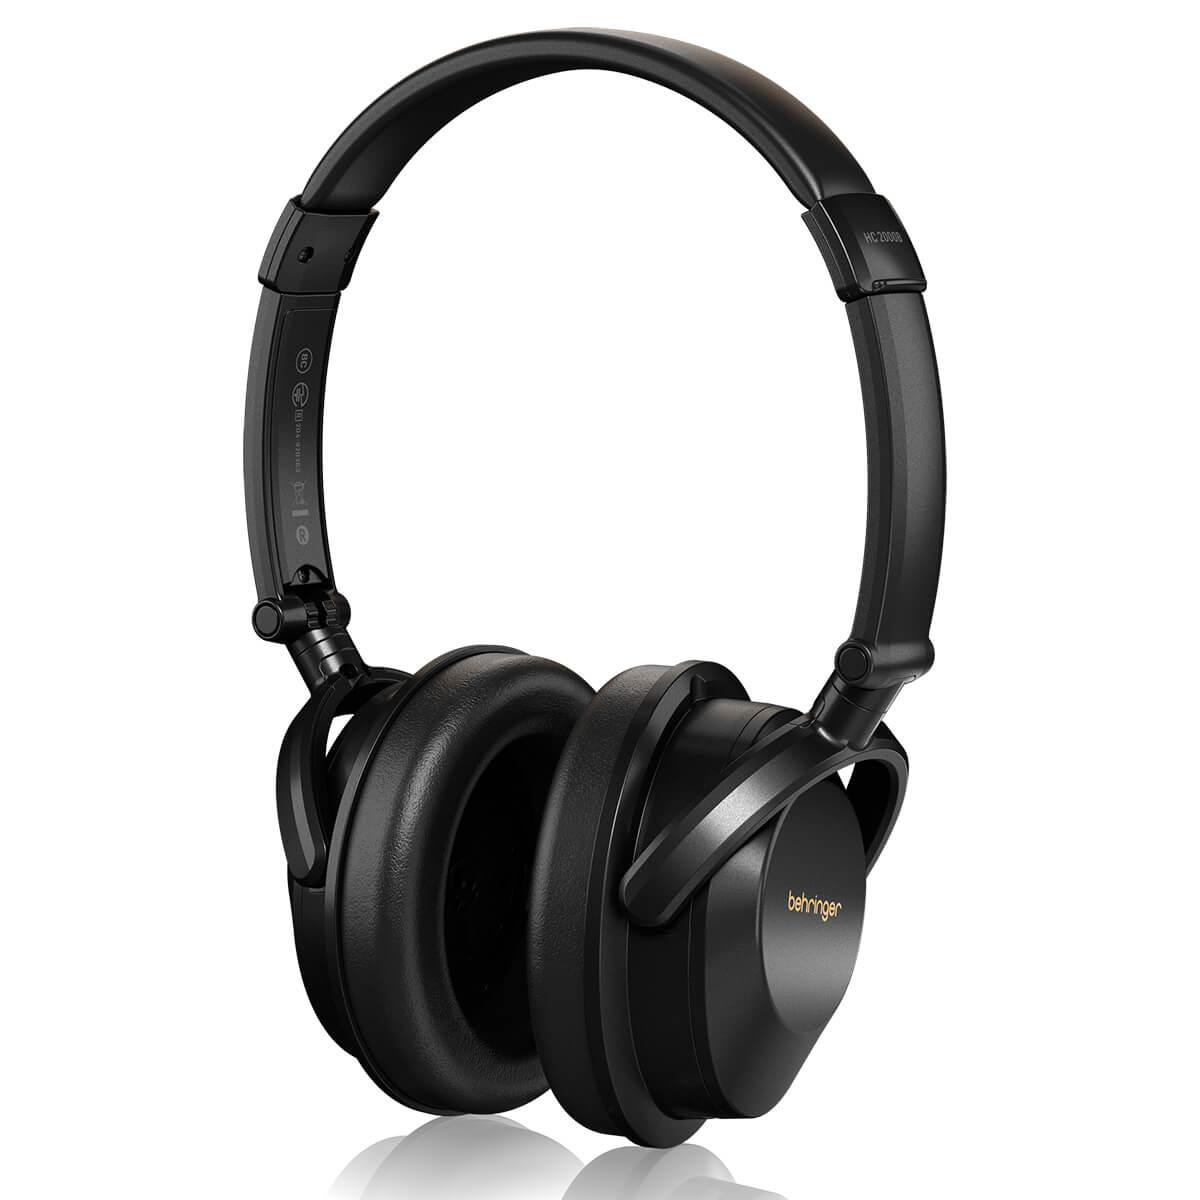 Fone de Ouvido Behringer HC 2000B sem Fio com Bluetooth